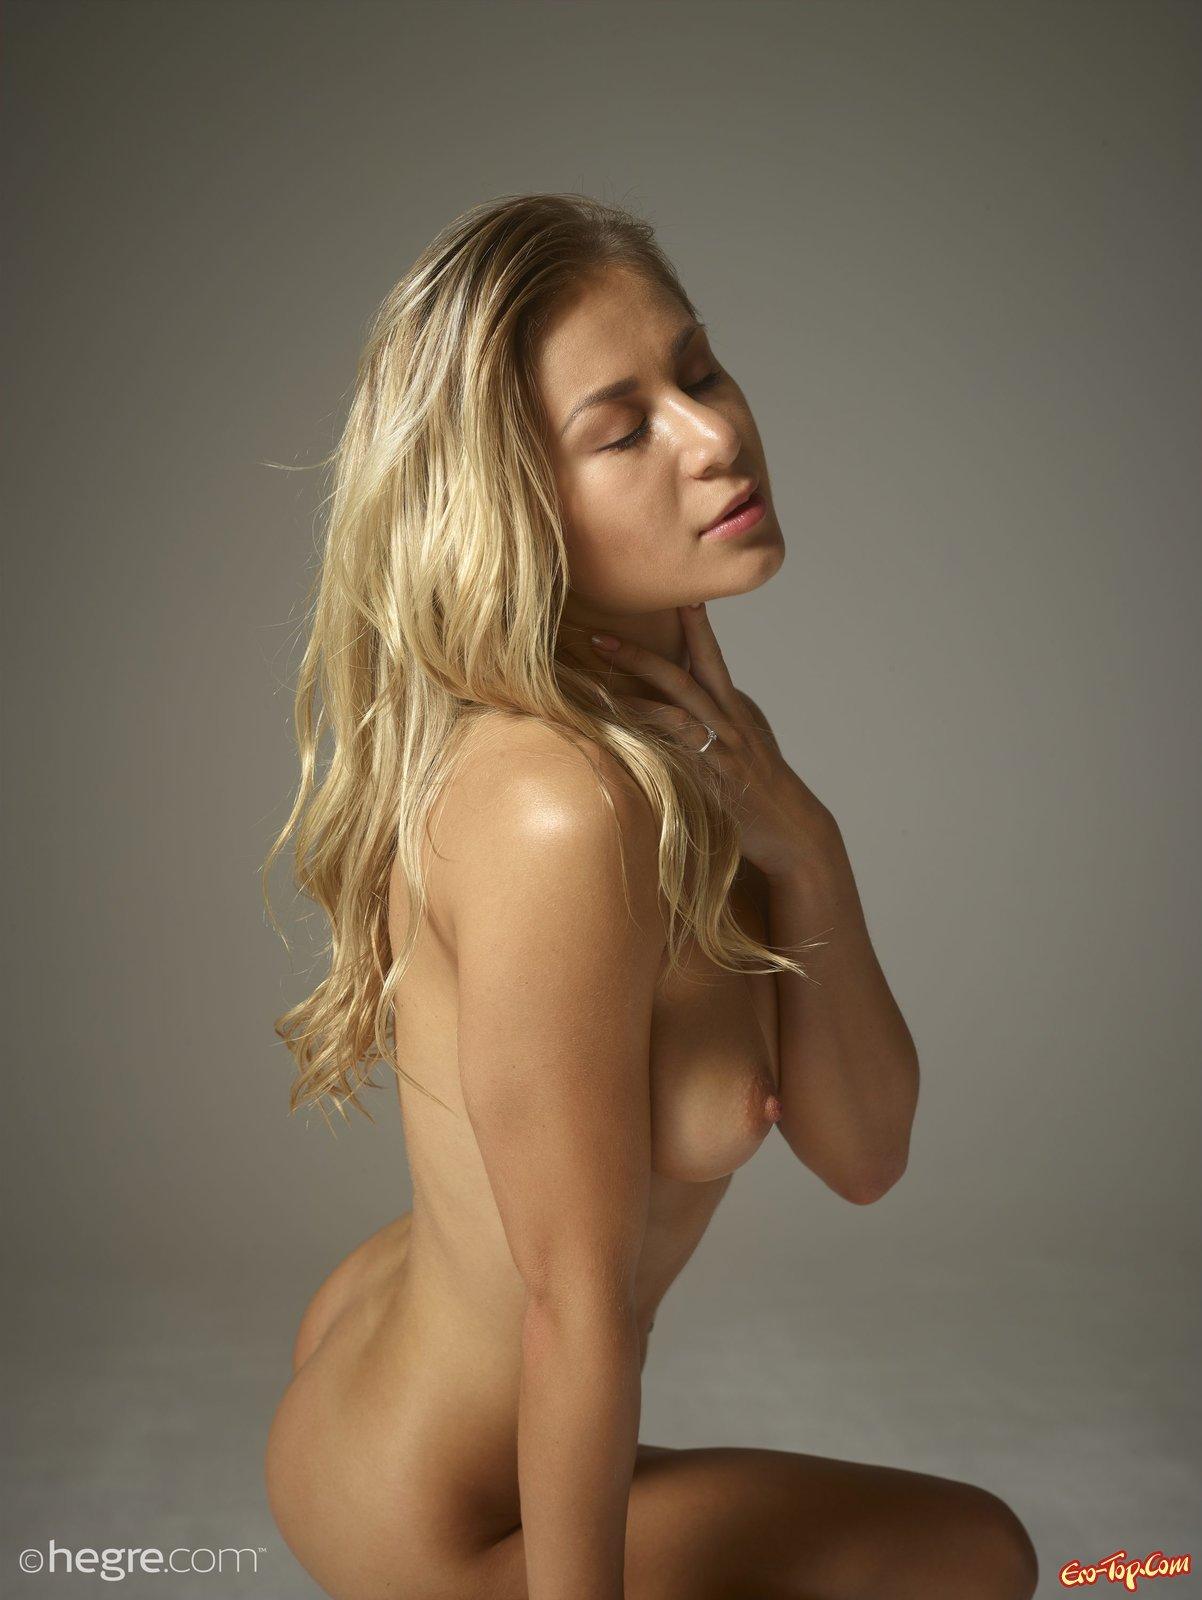 Гибкая модель со свелыми волосами красуется догола голой